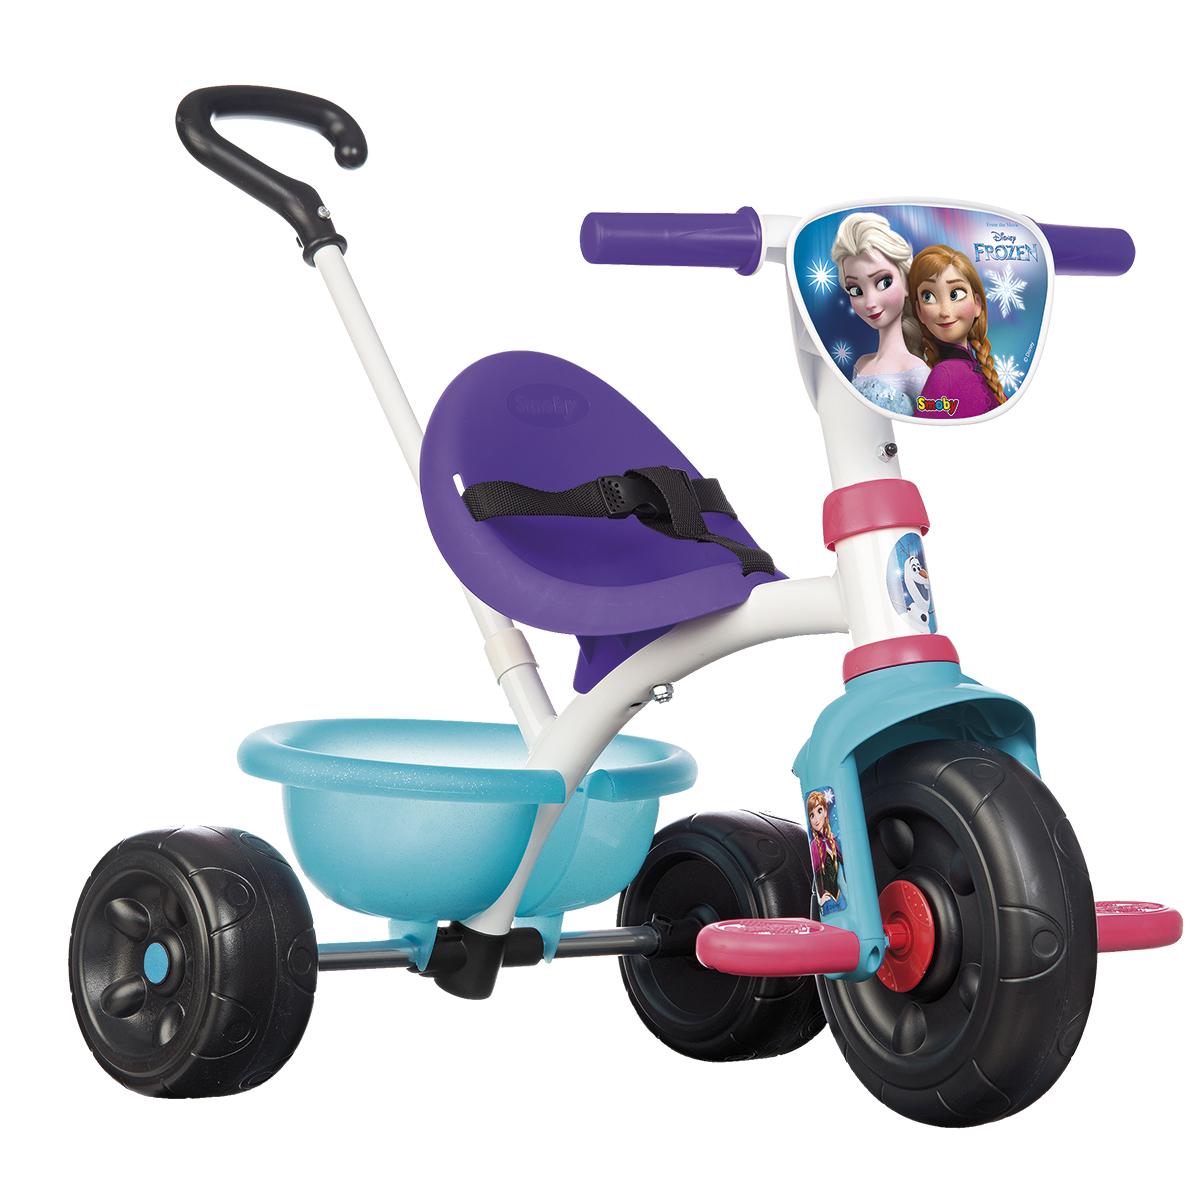 Billede af Smoby trehjulet cykel - Disney Frozen